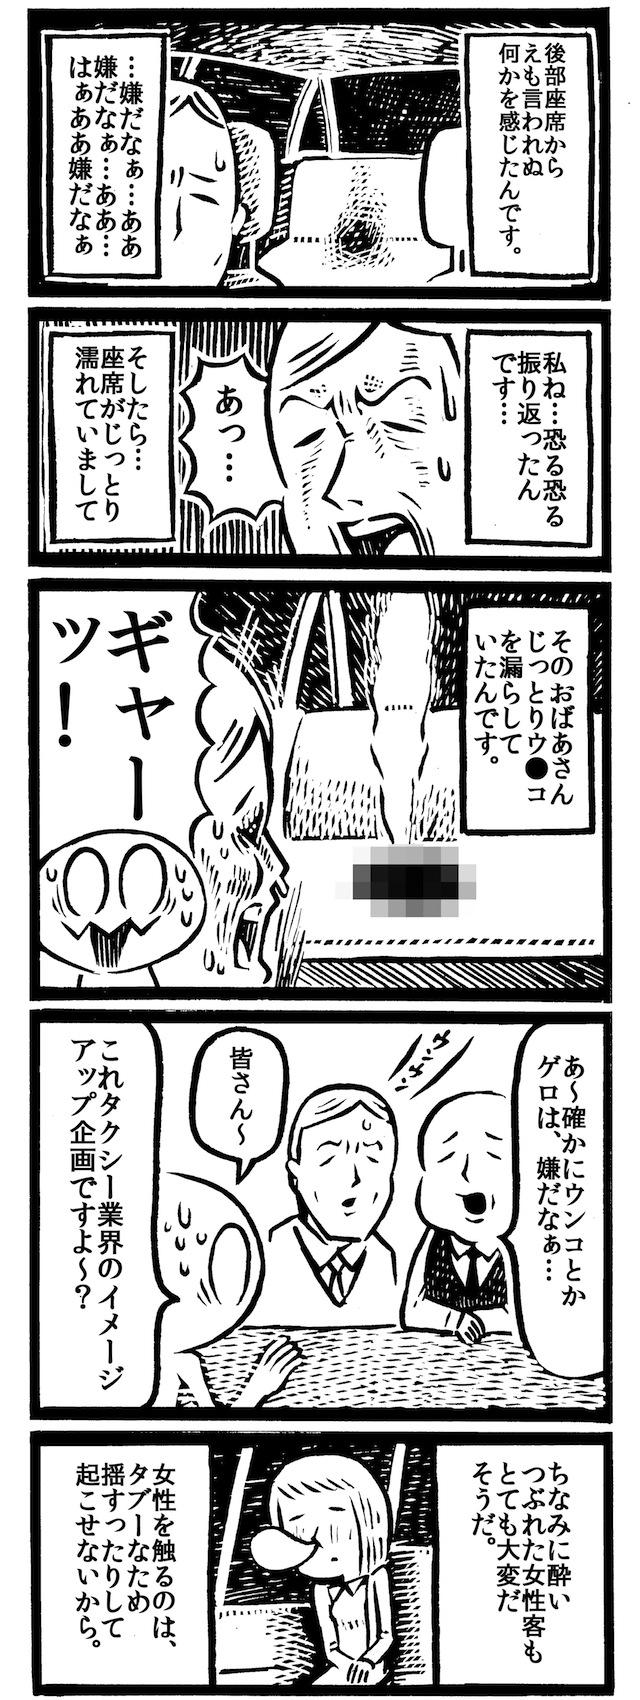 f:id:kakijiro:20151208235558j:plain